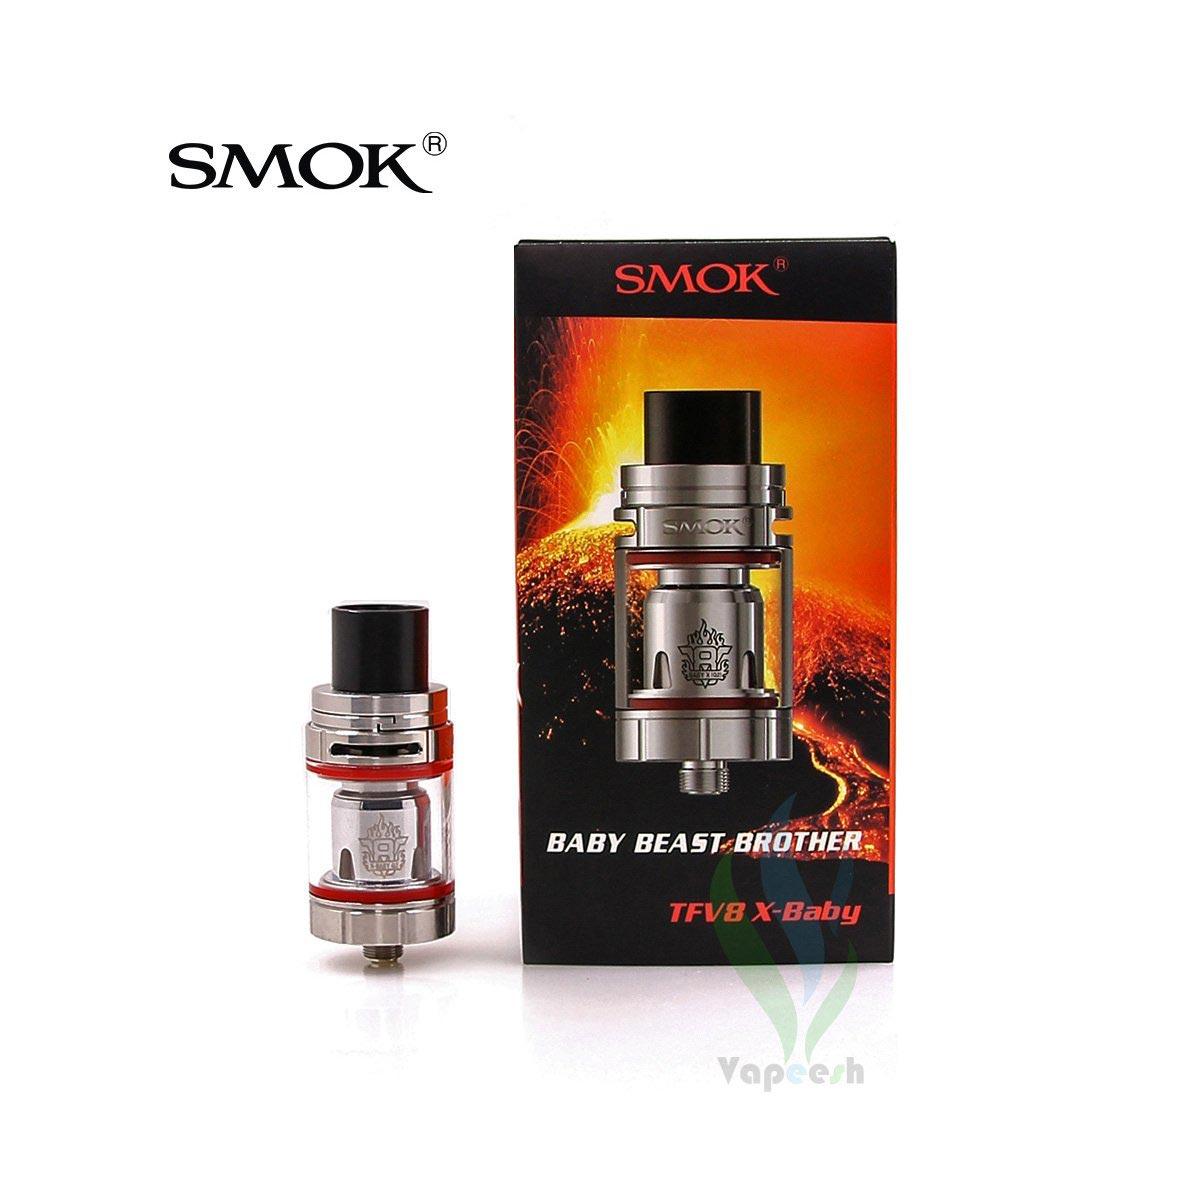 Smok TFV8 X-Baby Tank Package